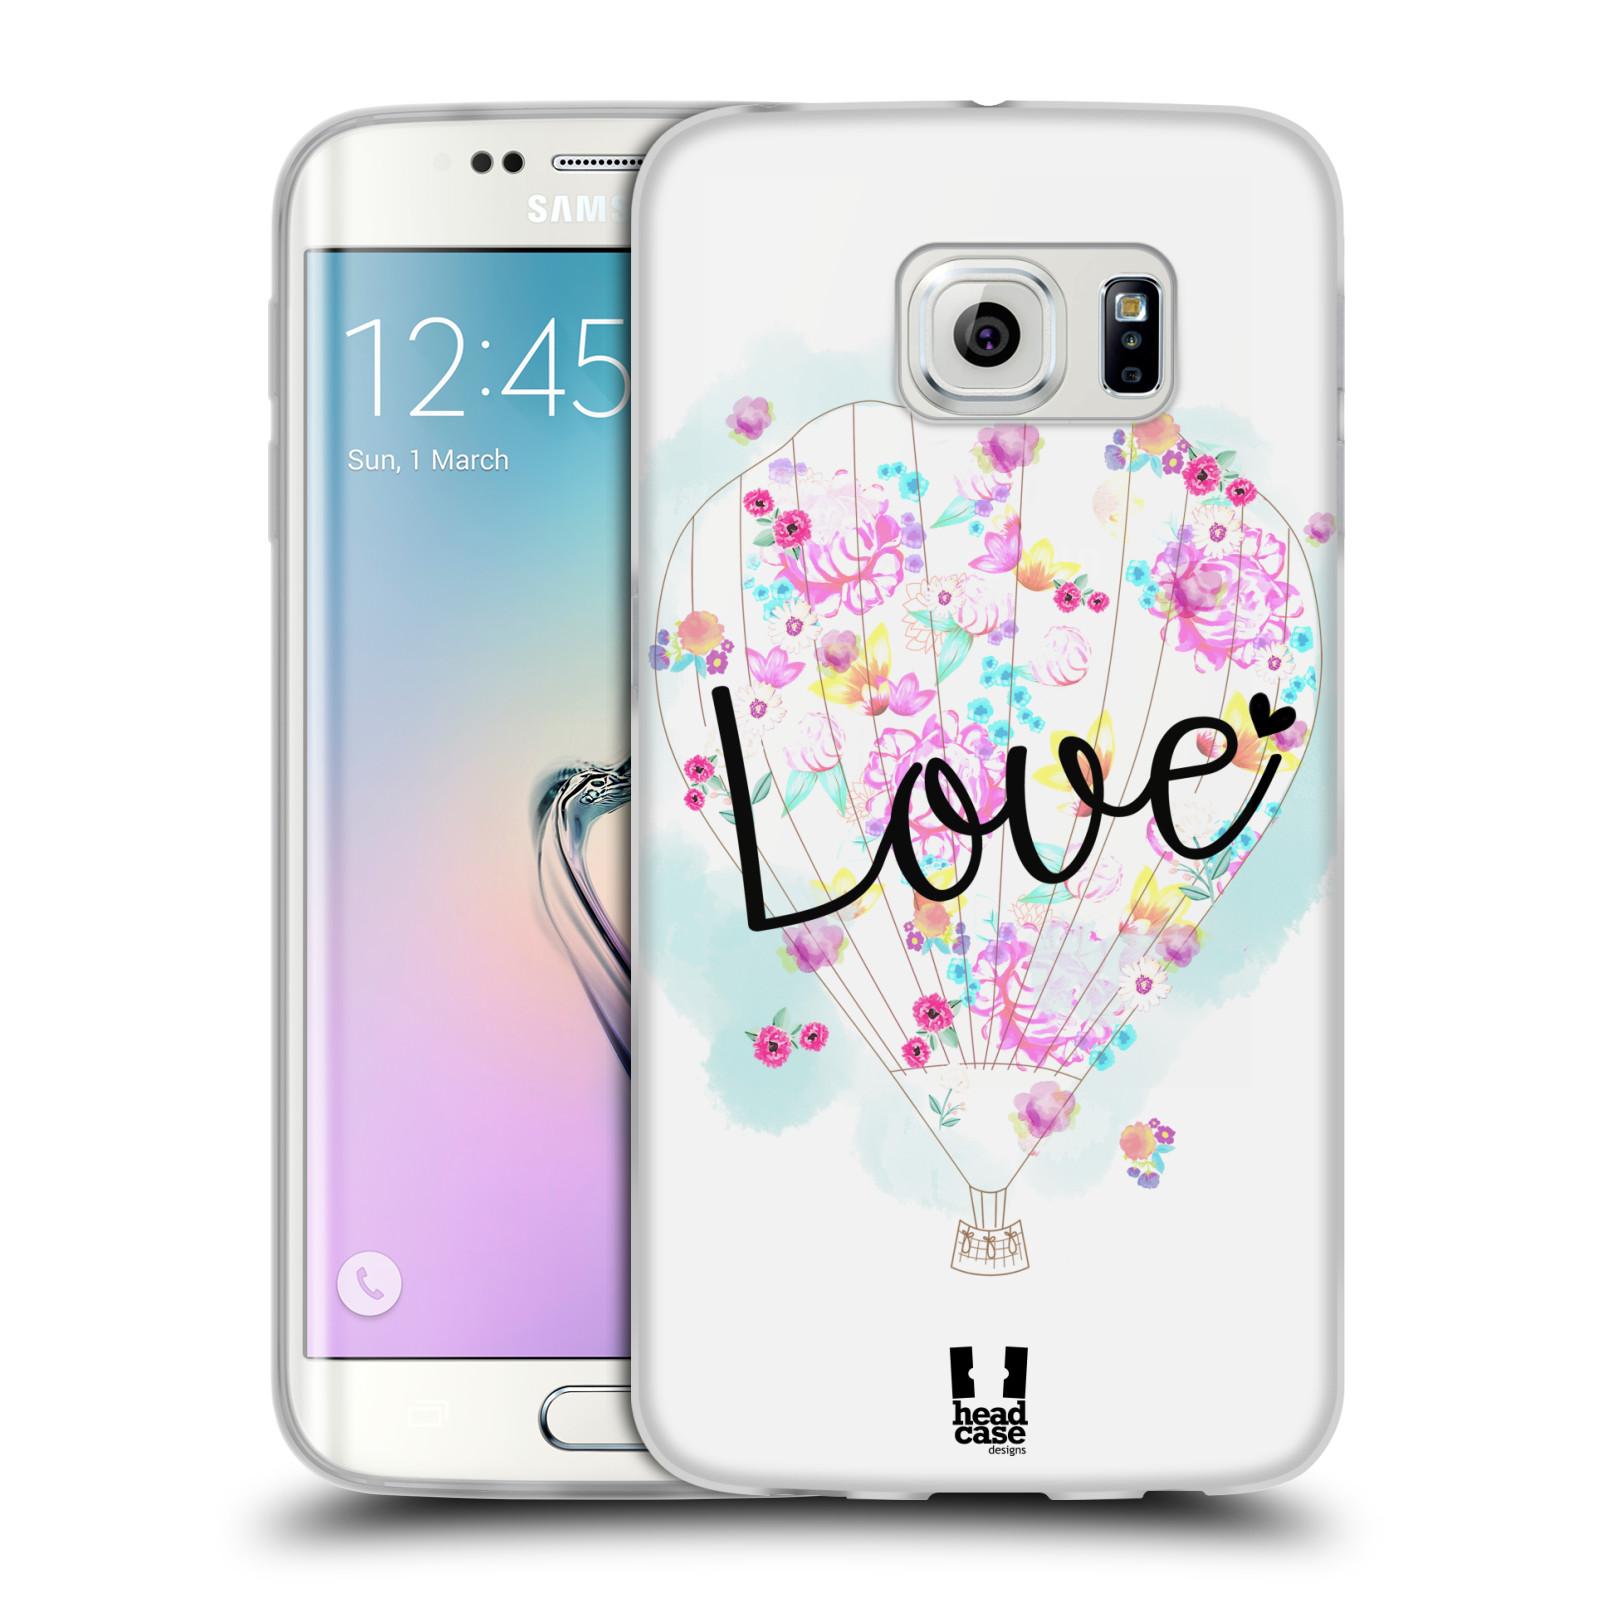 Silikonové pouzdro na mobil Samsung Galaxy S6 Edge HEAD CASE Balón Love (Silikonový kryt či obal na mobilní telefon Samsung Galaxy S6 Edge SM-G925F)